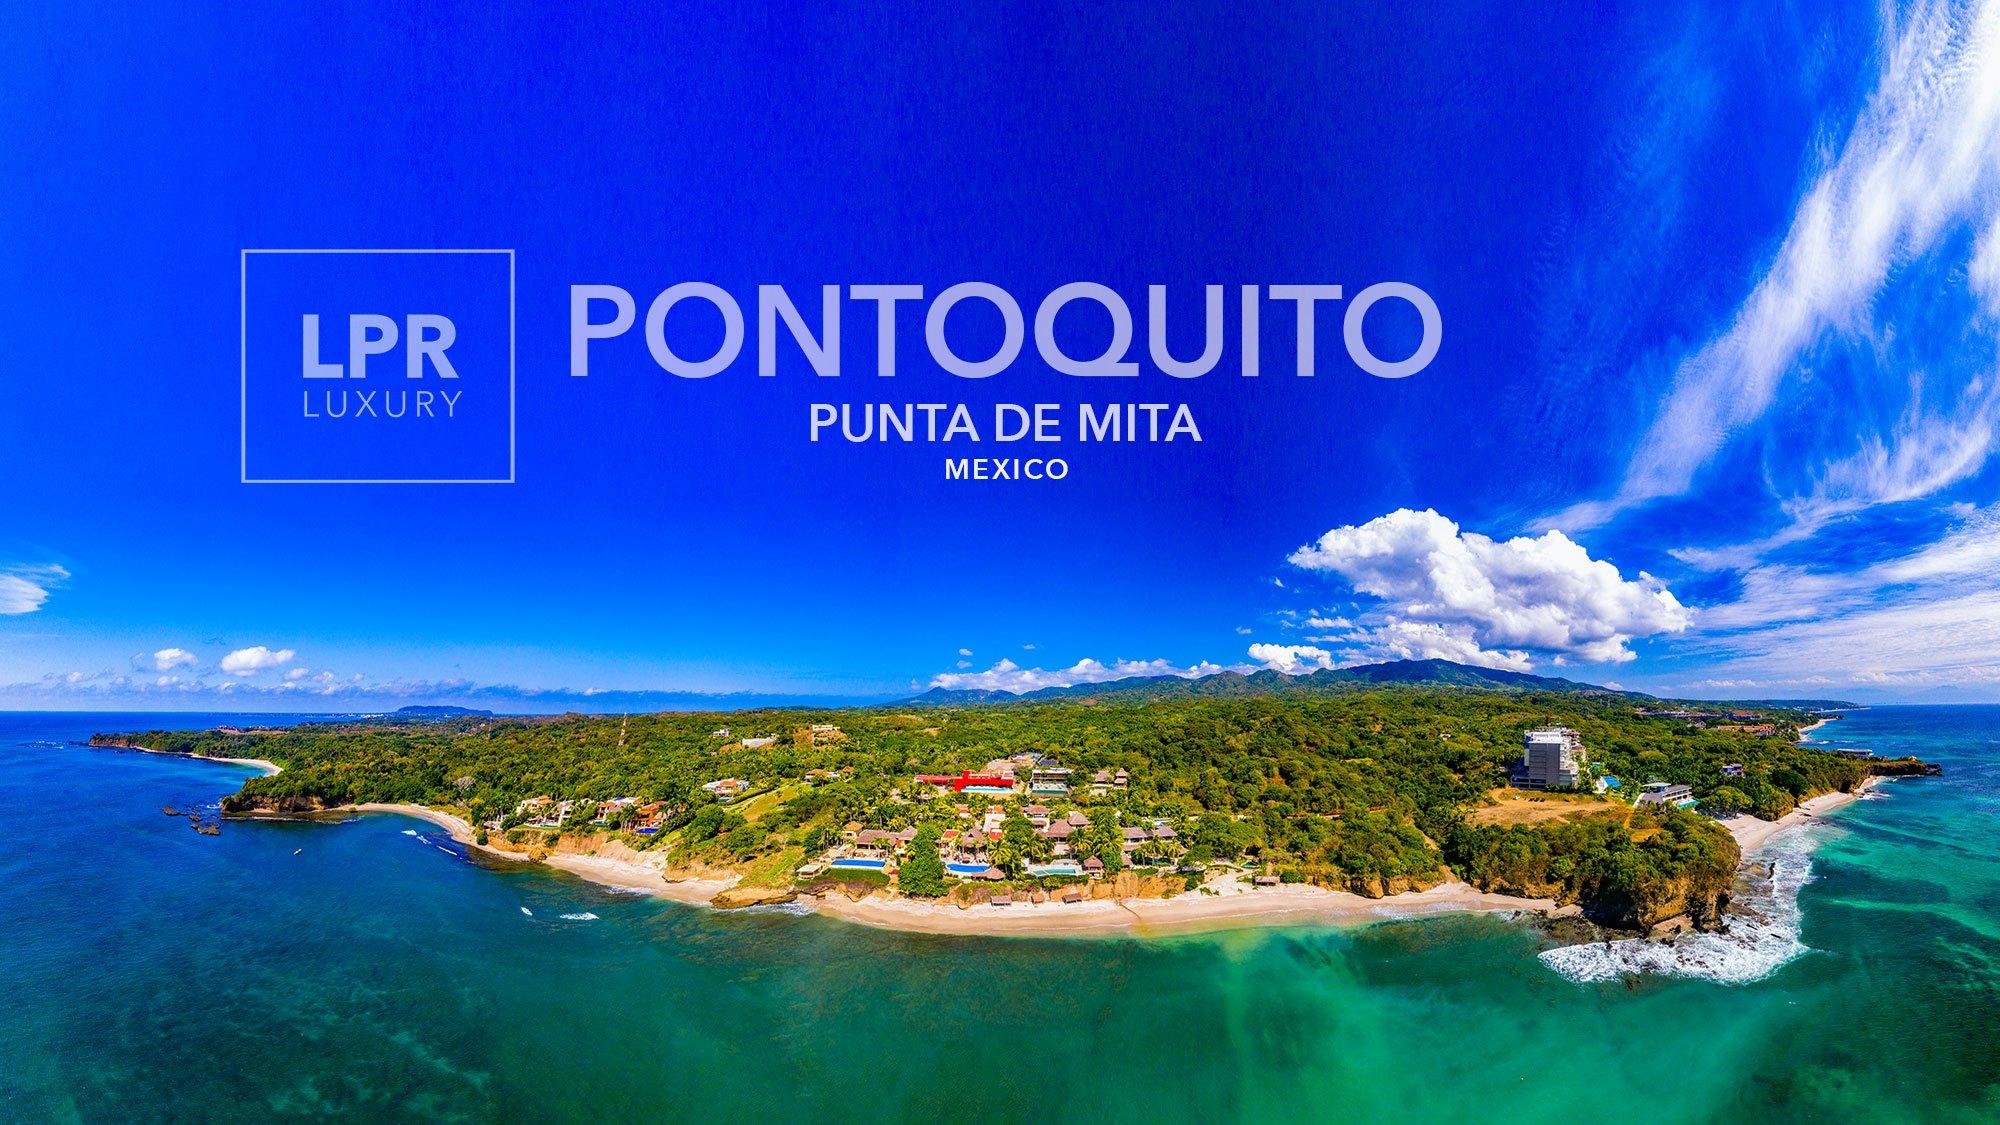 Pontoquito - Luxury vacation rental villas for sale - Punta de Mita real estate - Riviera Nayarit, Mexico